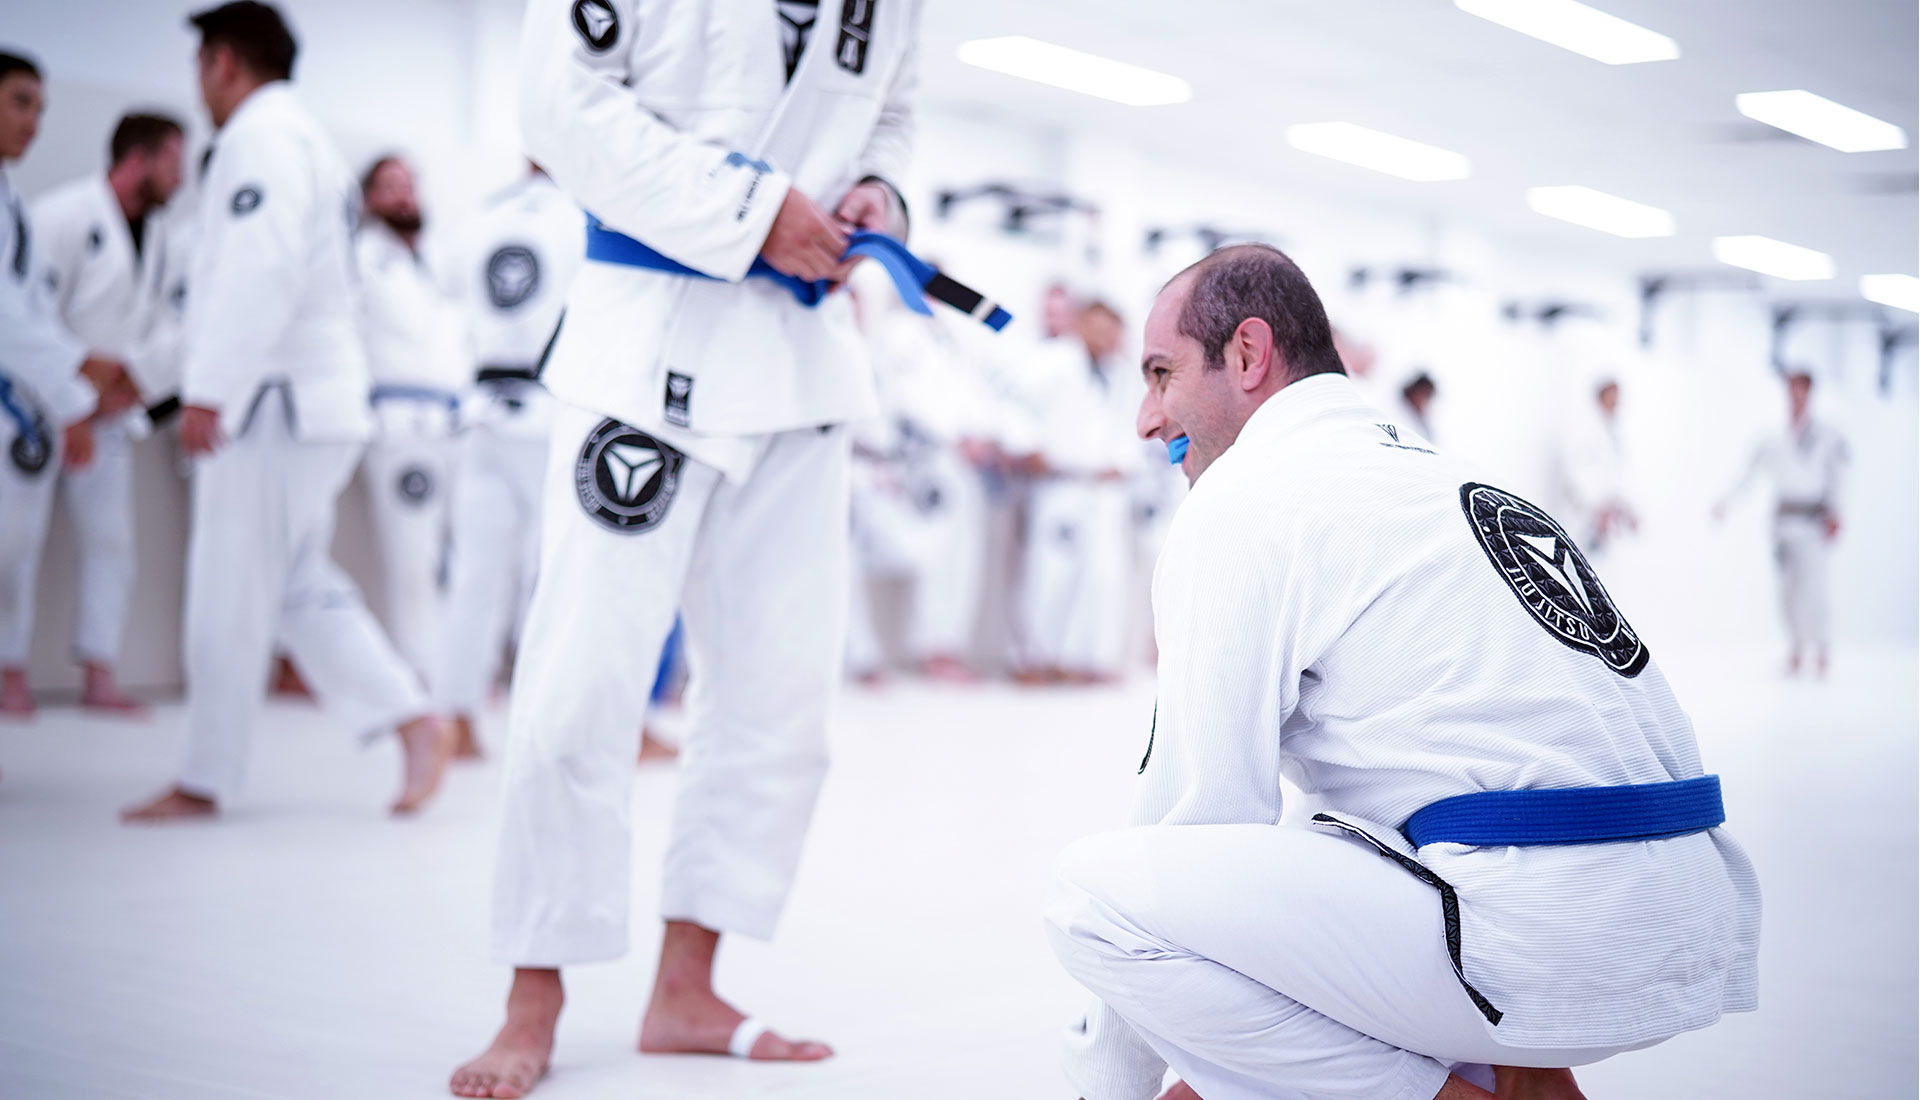 Best Jiu-Jitsu in Sydney